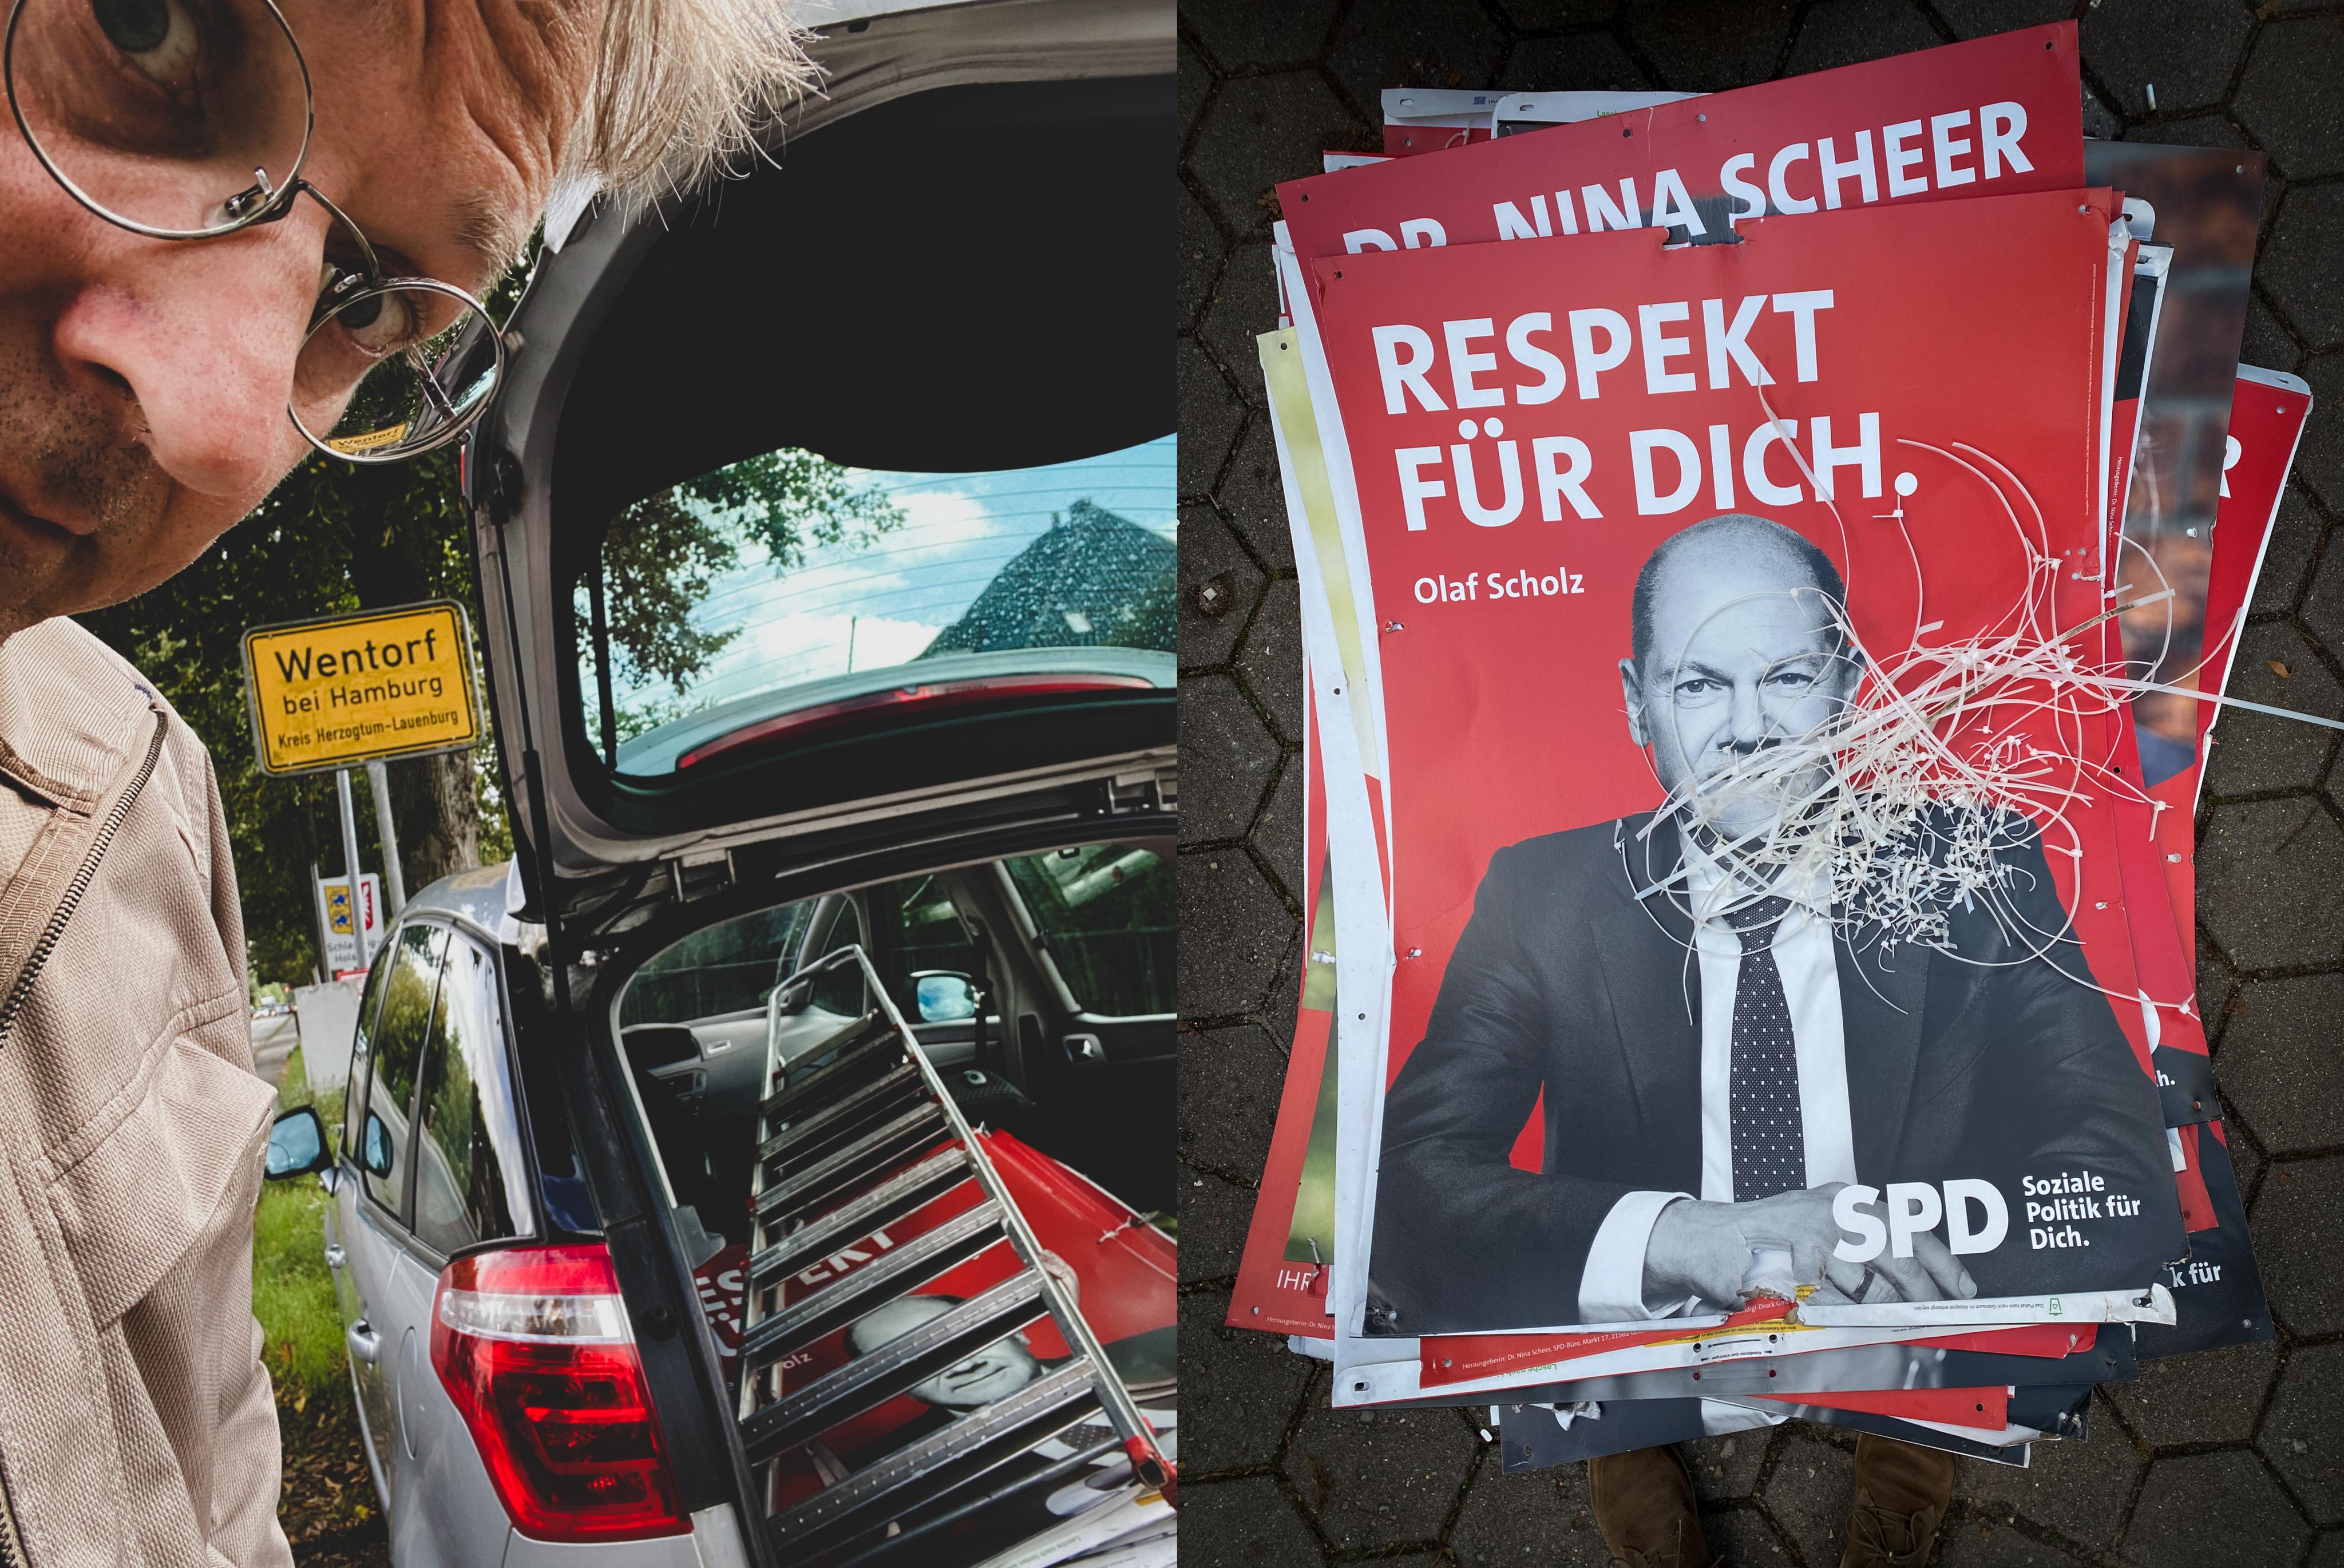 SPD Plakateabhängen